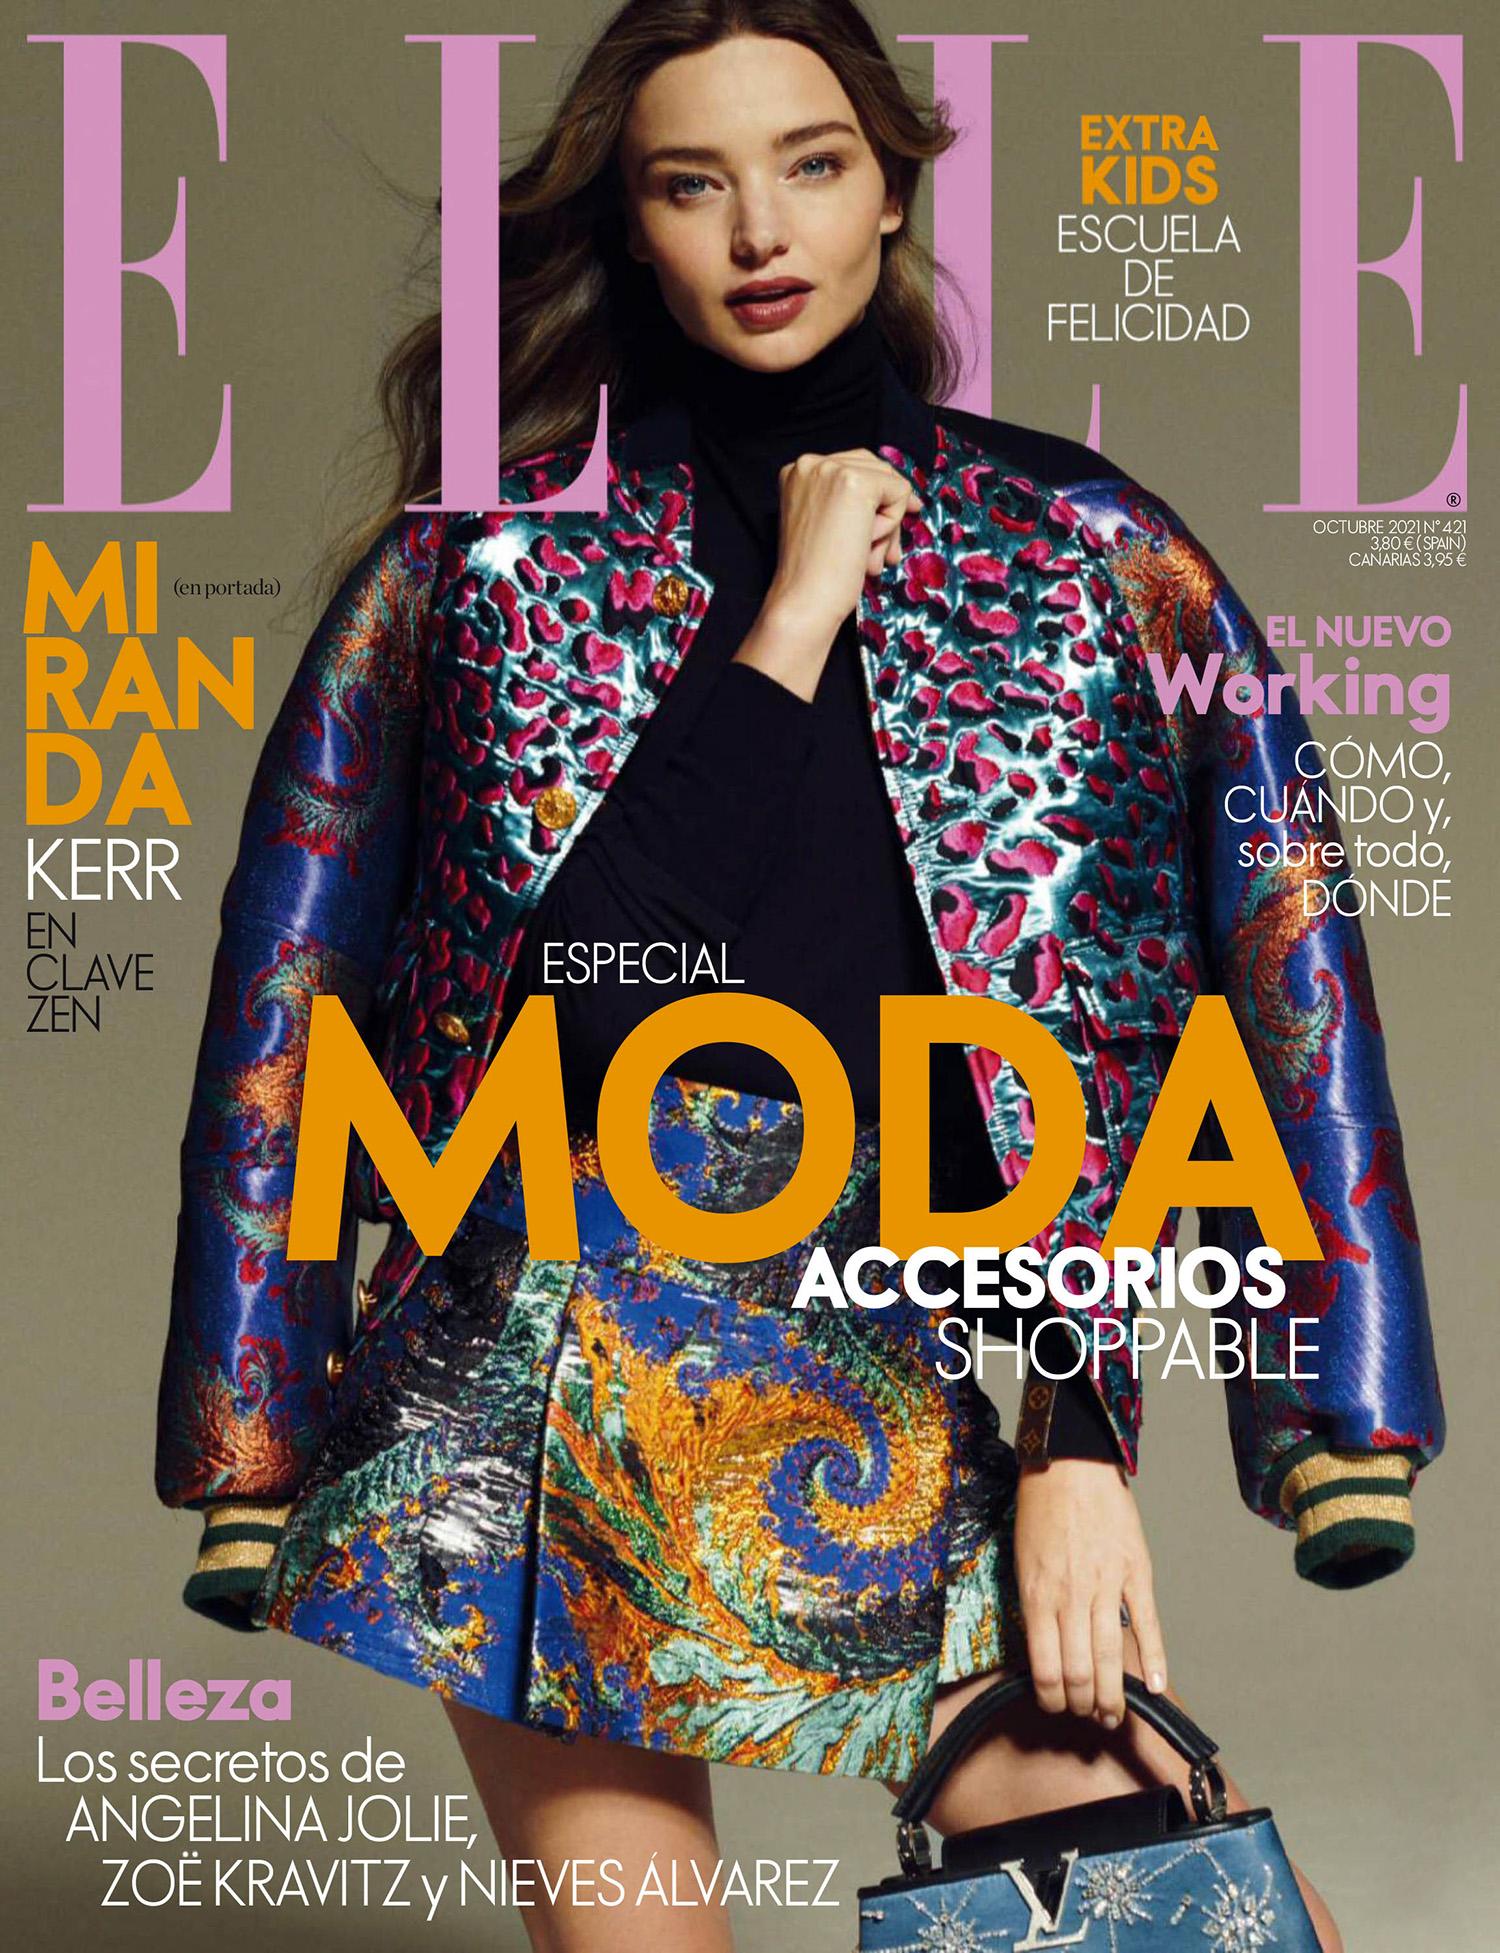 Miranda Kerr covers Elle Spain October 2021 by Philip Gay